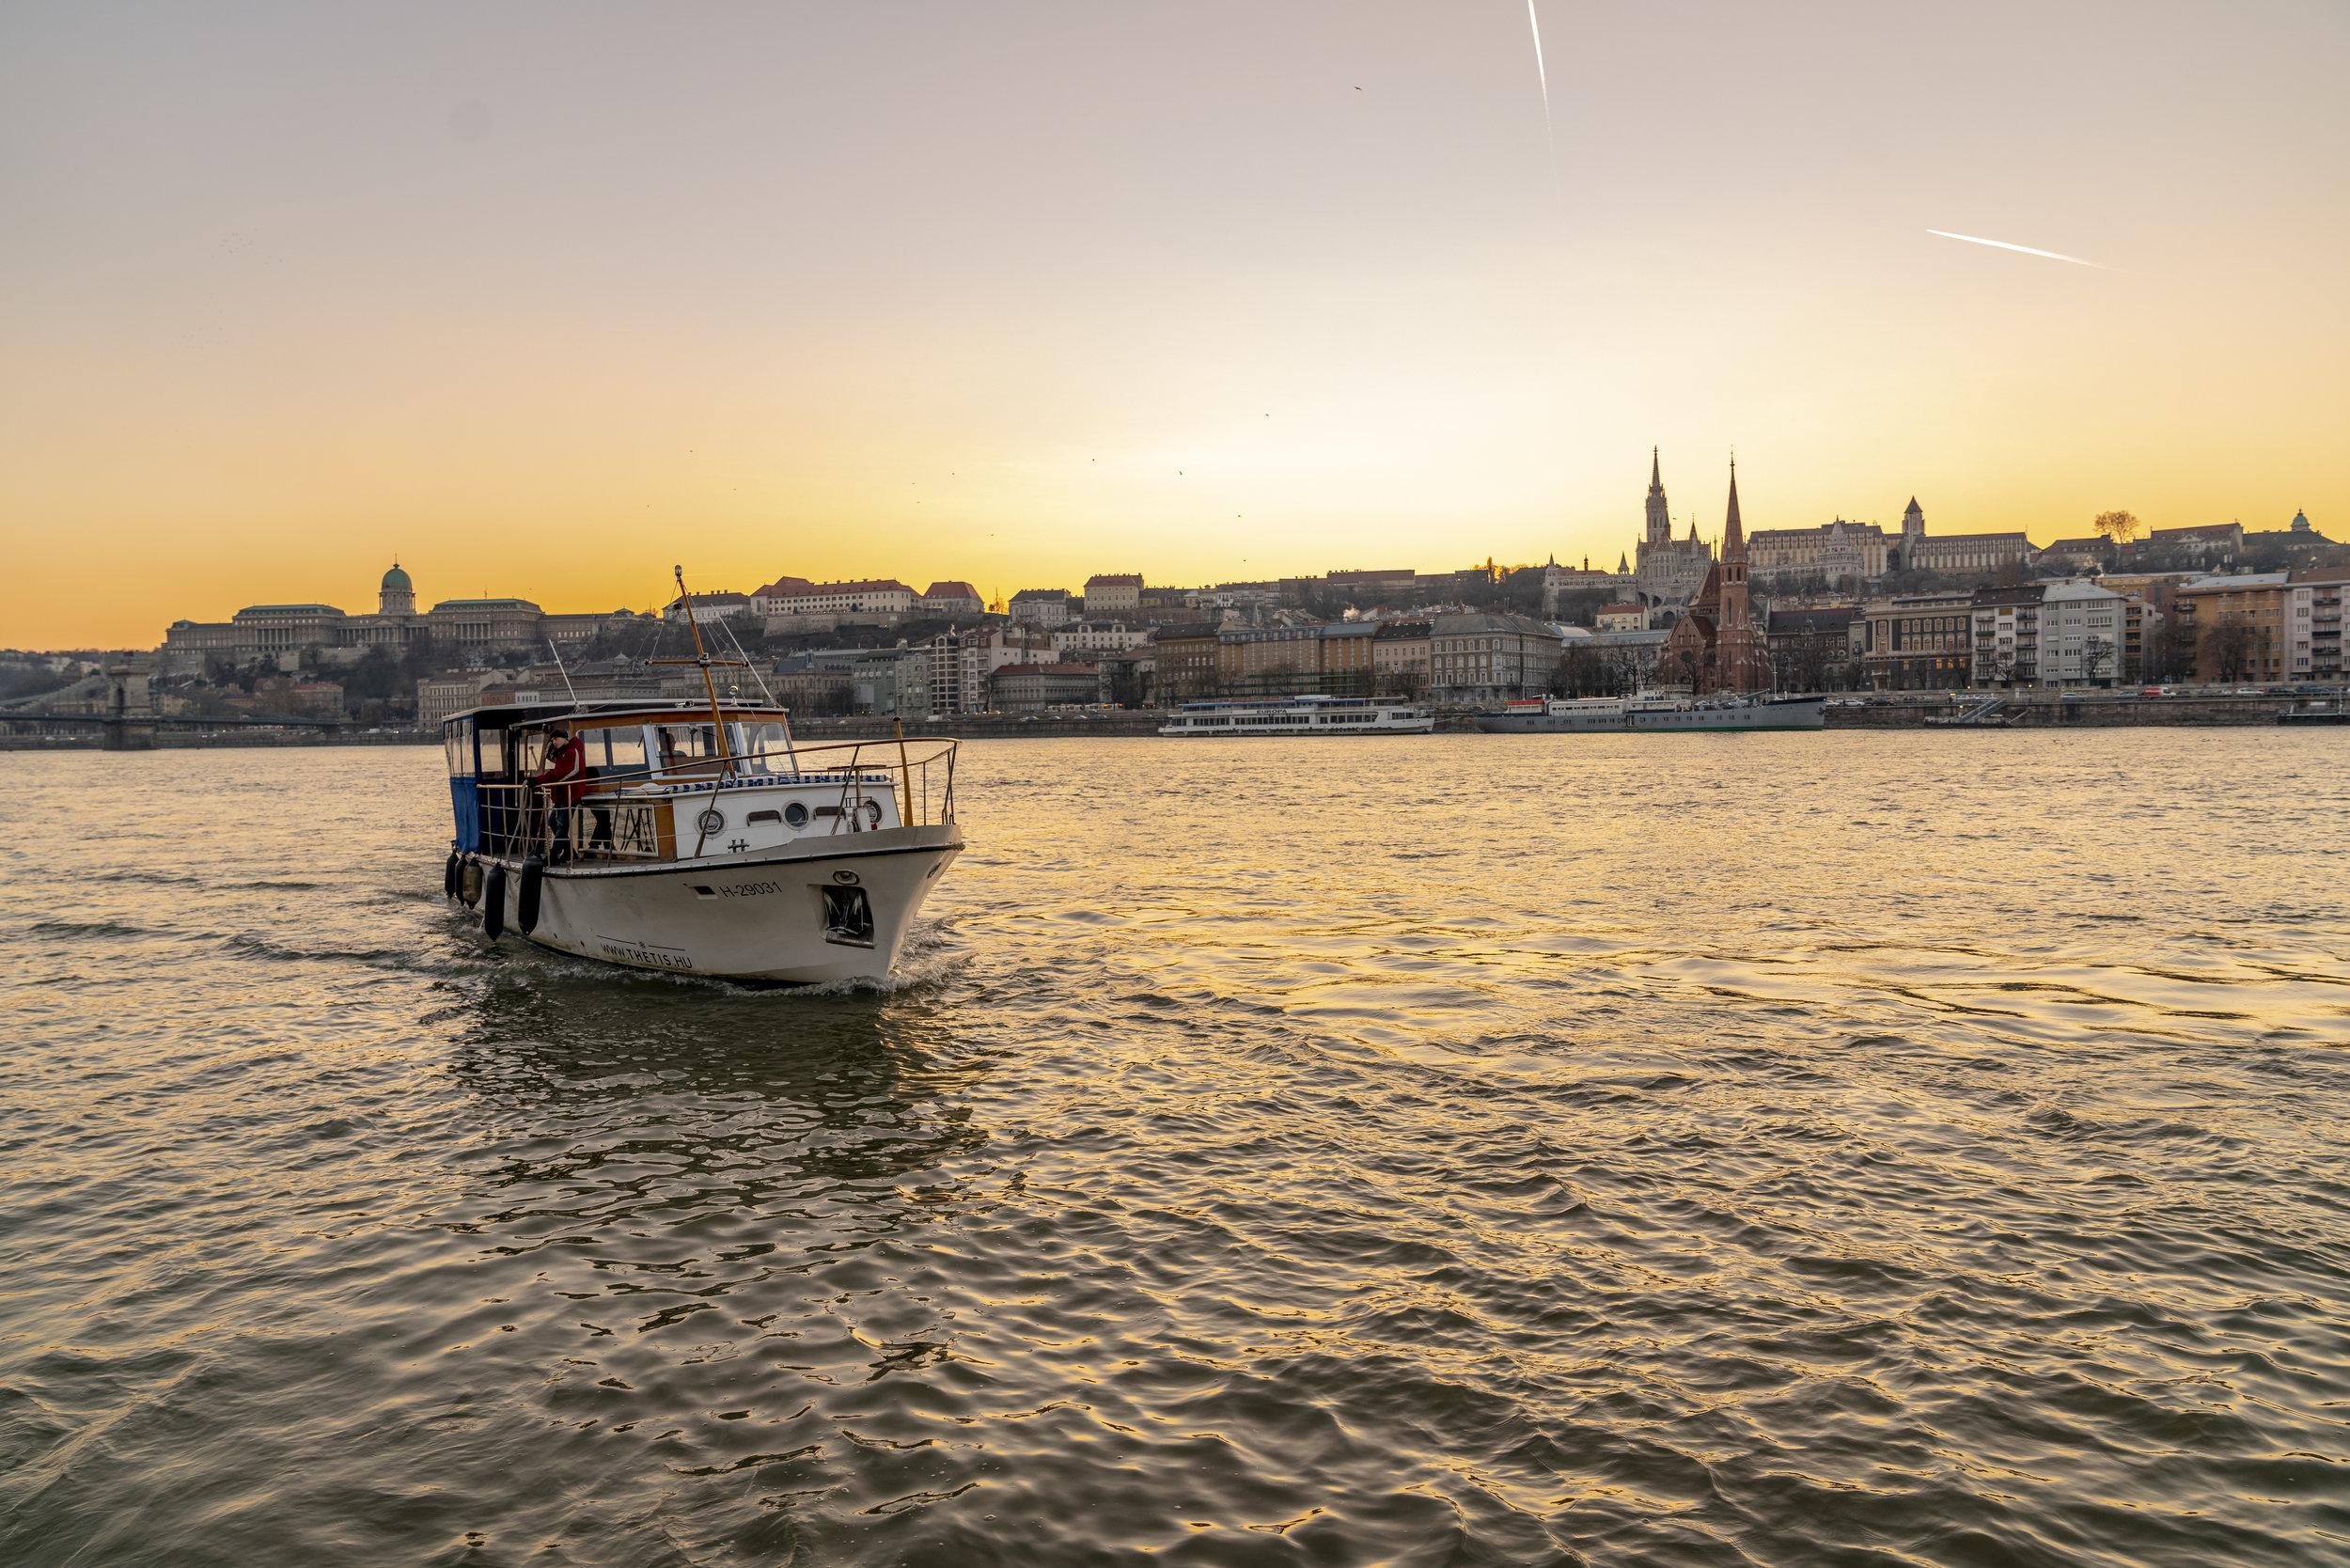 Budapest_Stills_BenBlair-8.jpg